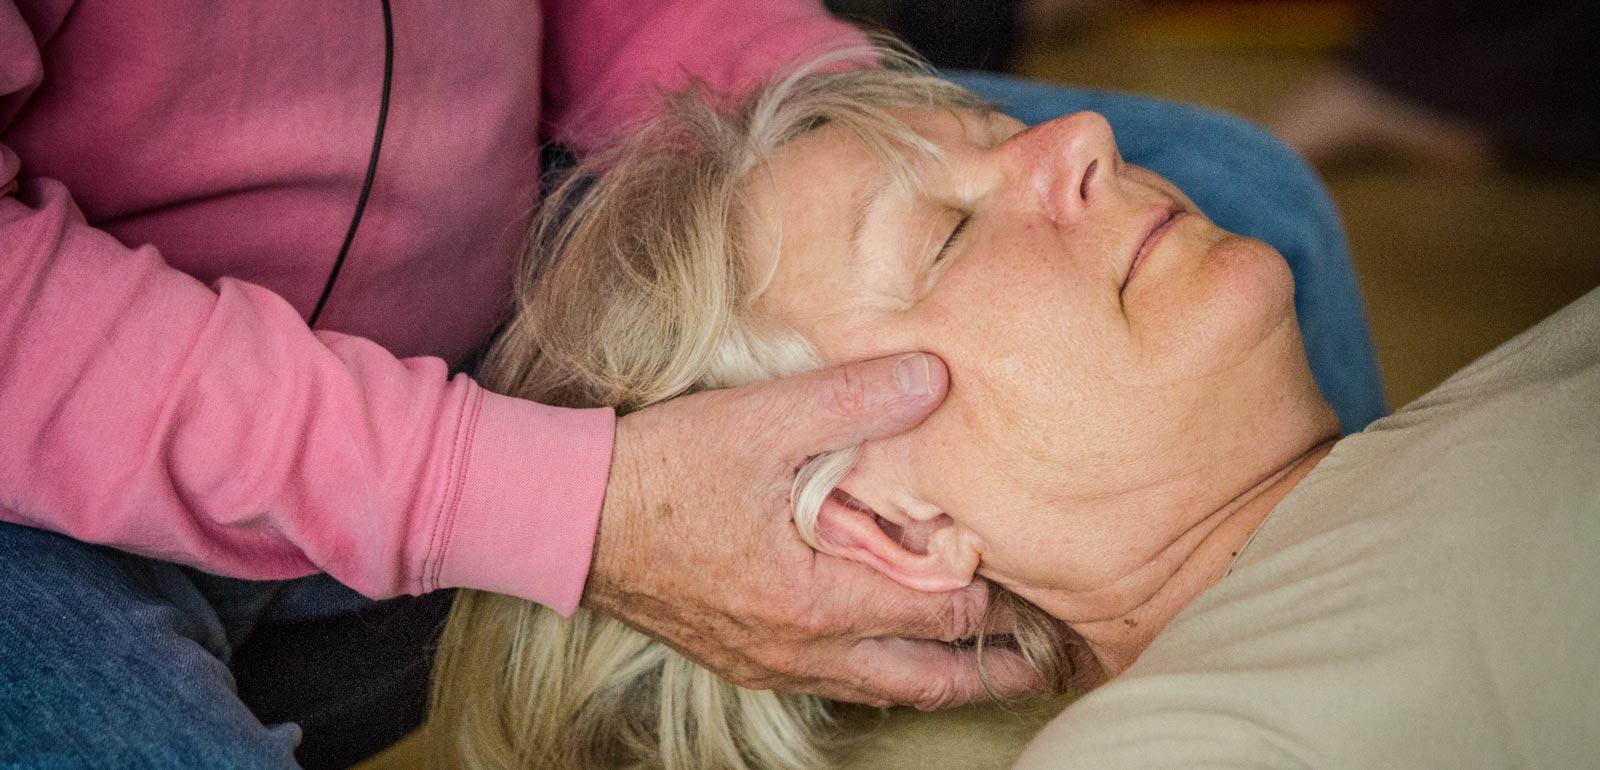 Dame bei einer Feldenkrais Einzelbehandlung. Ihr Kopf liegt in zwei Händen, sie hat die Augen geschlossen.